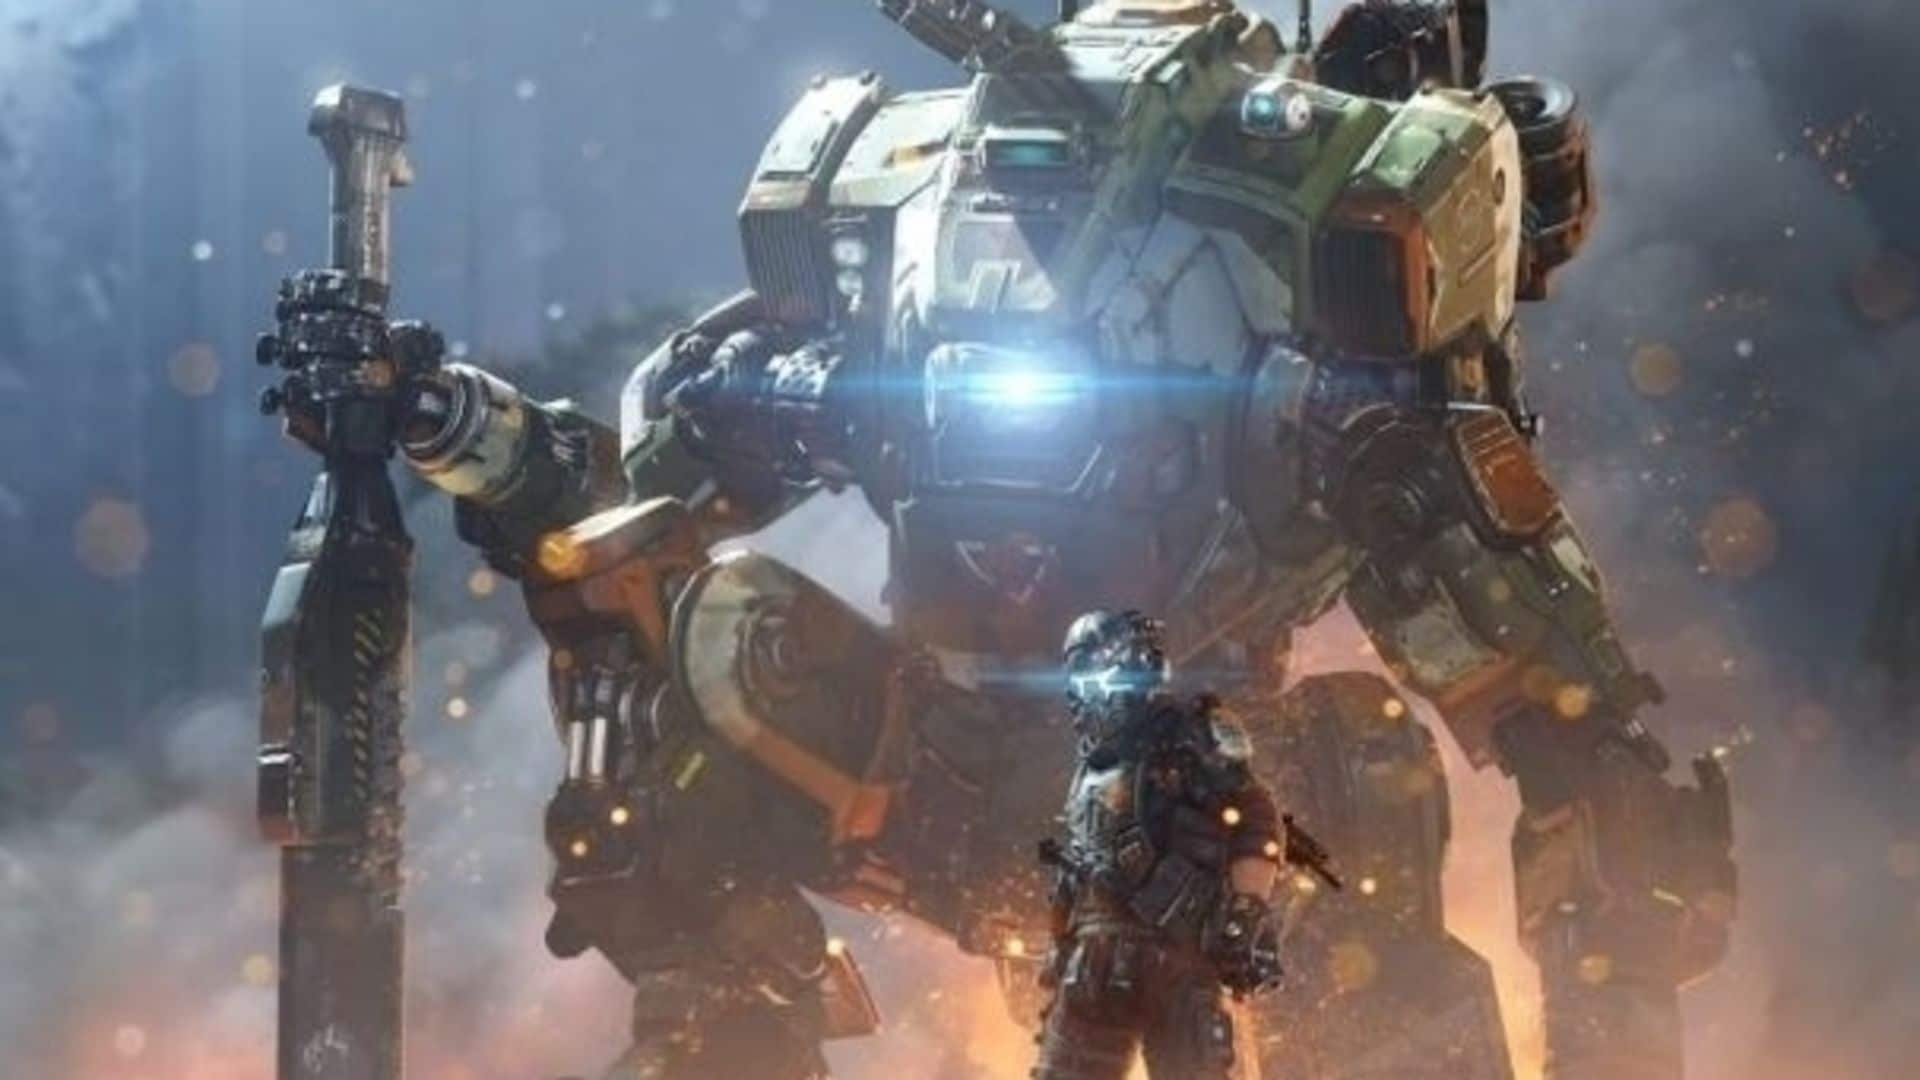 EA - Titanfall; Personagem do game à frente, robô gigante, chamado de titã, ao fundo com luzes nos olhos em posição de batalha com o ambiente destruído ao redor.